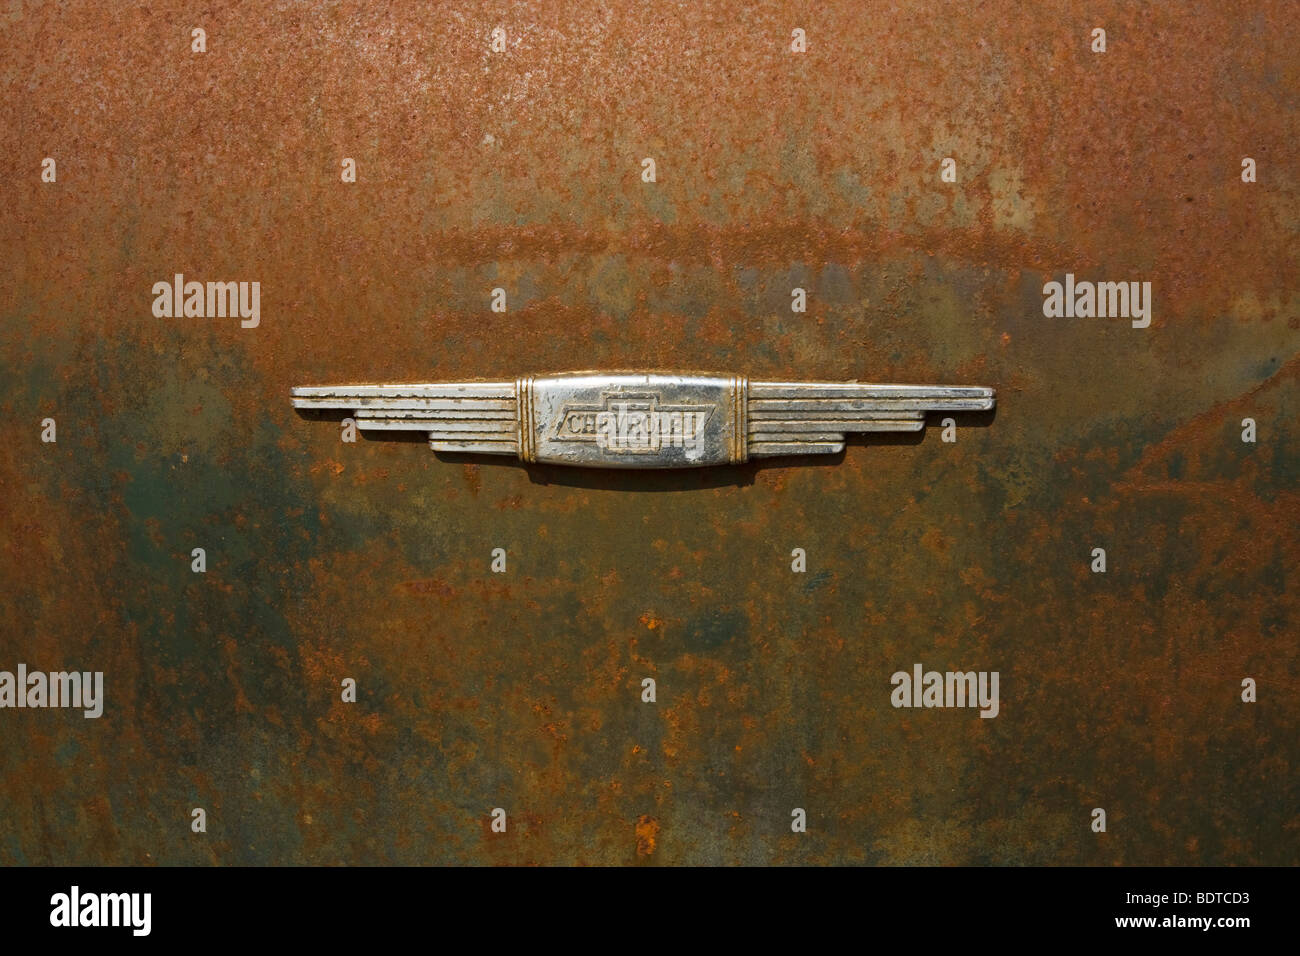 Old Chevrolet Logo Stockfotos & Old Chevrolet Logo Bilder - Alamy